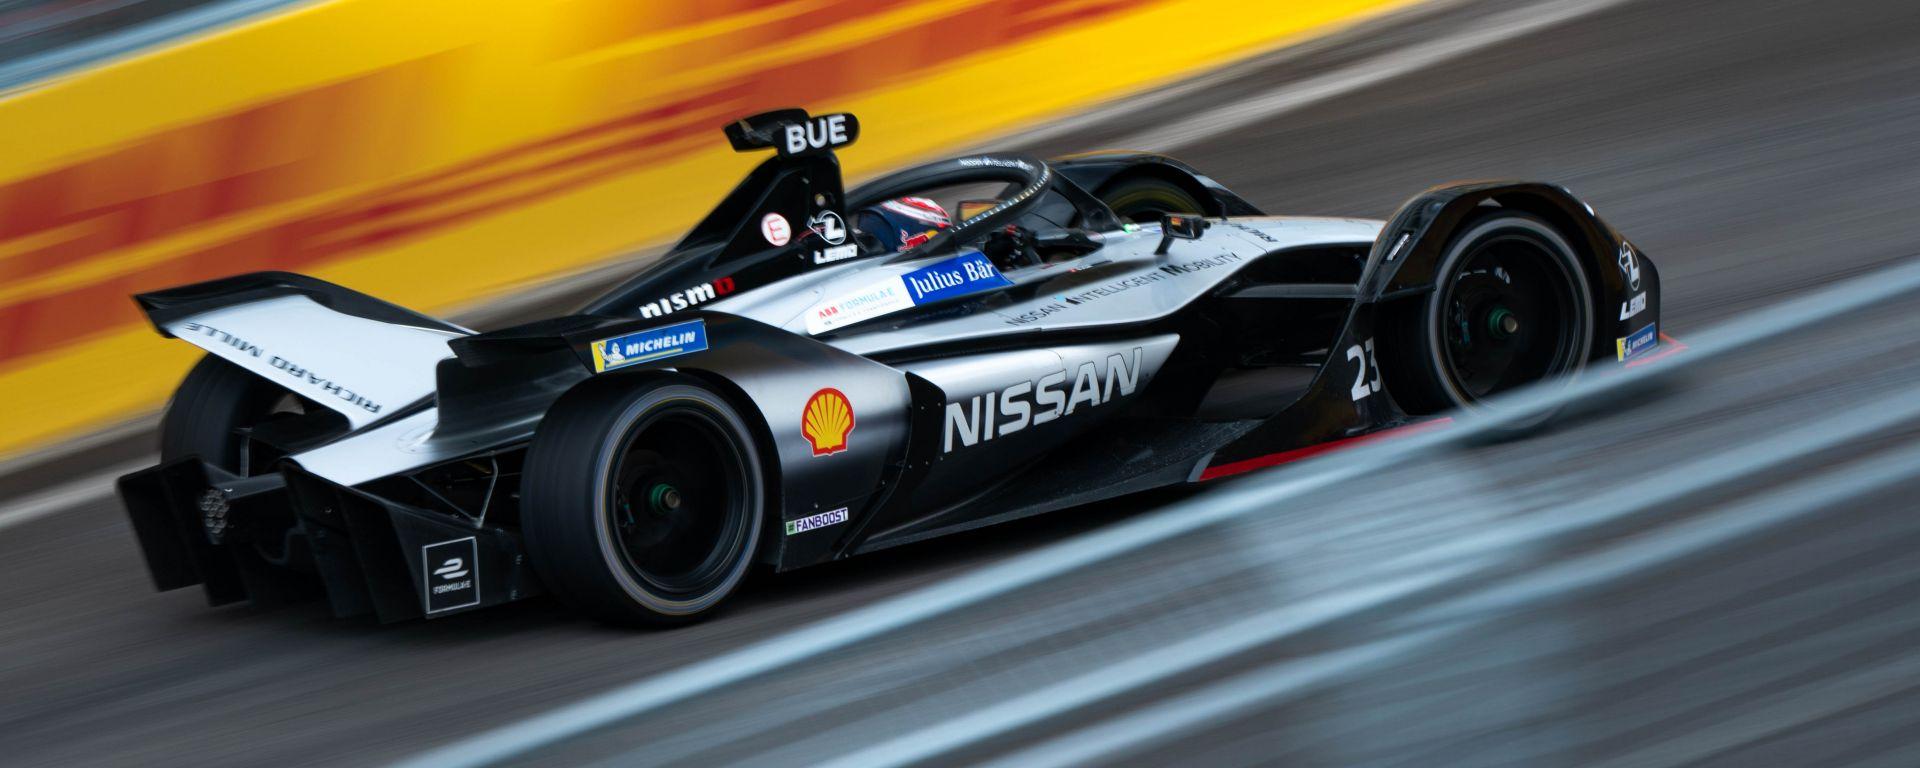 ePrix Roma 2019, Nissan e.dams: buona prova per Buemi e Rowland